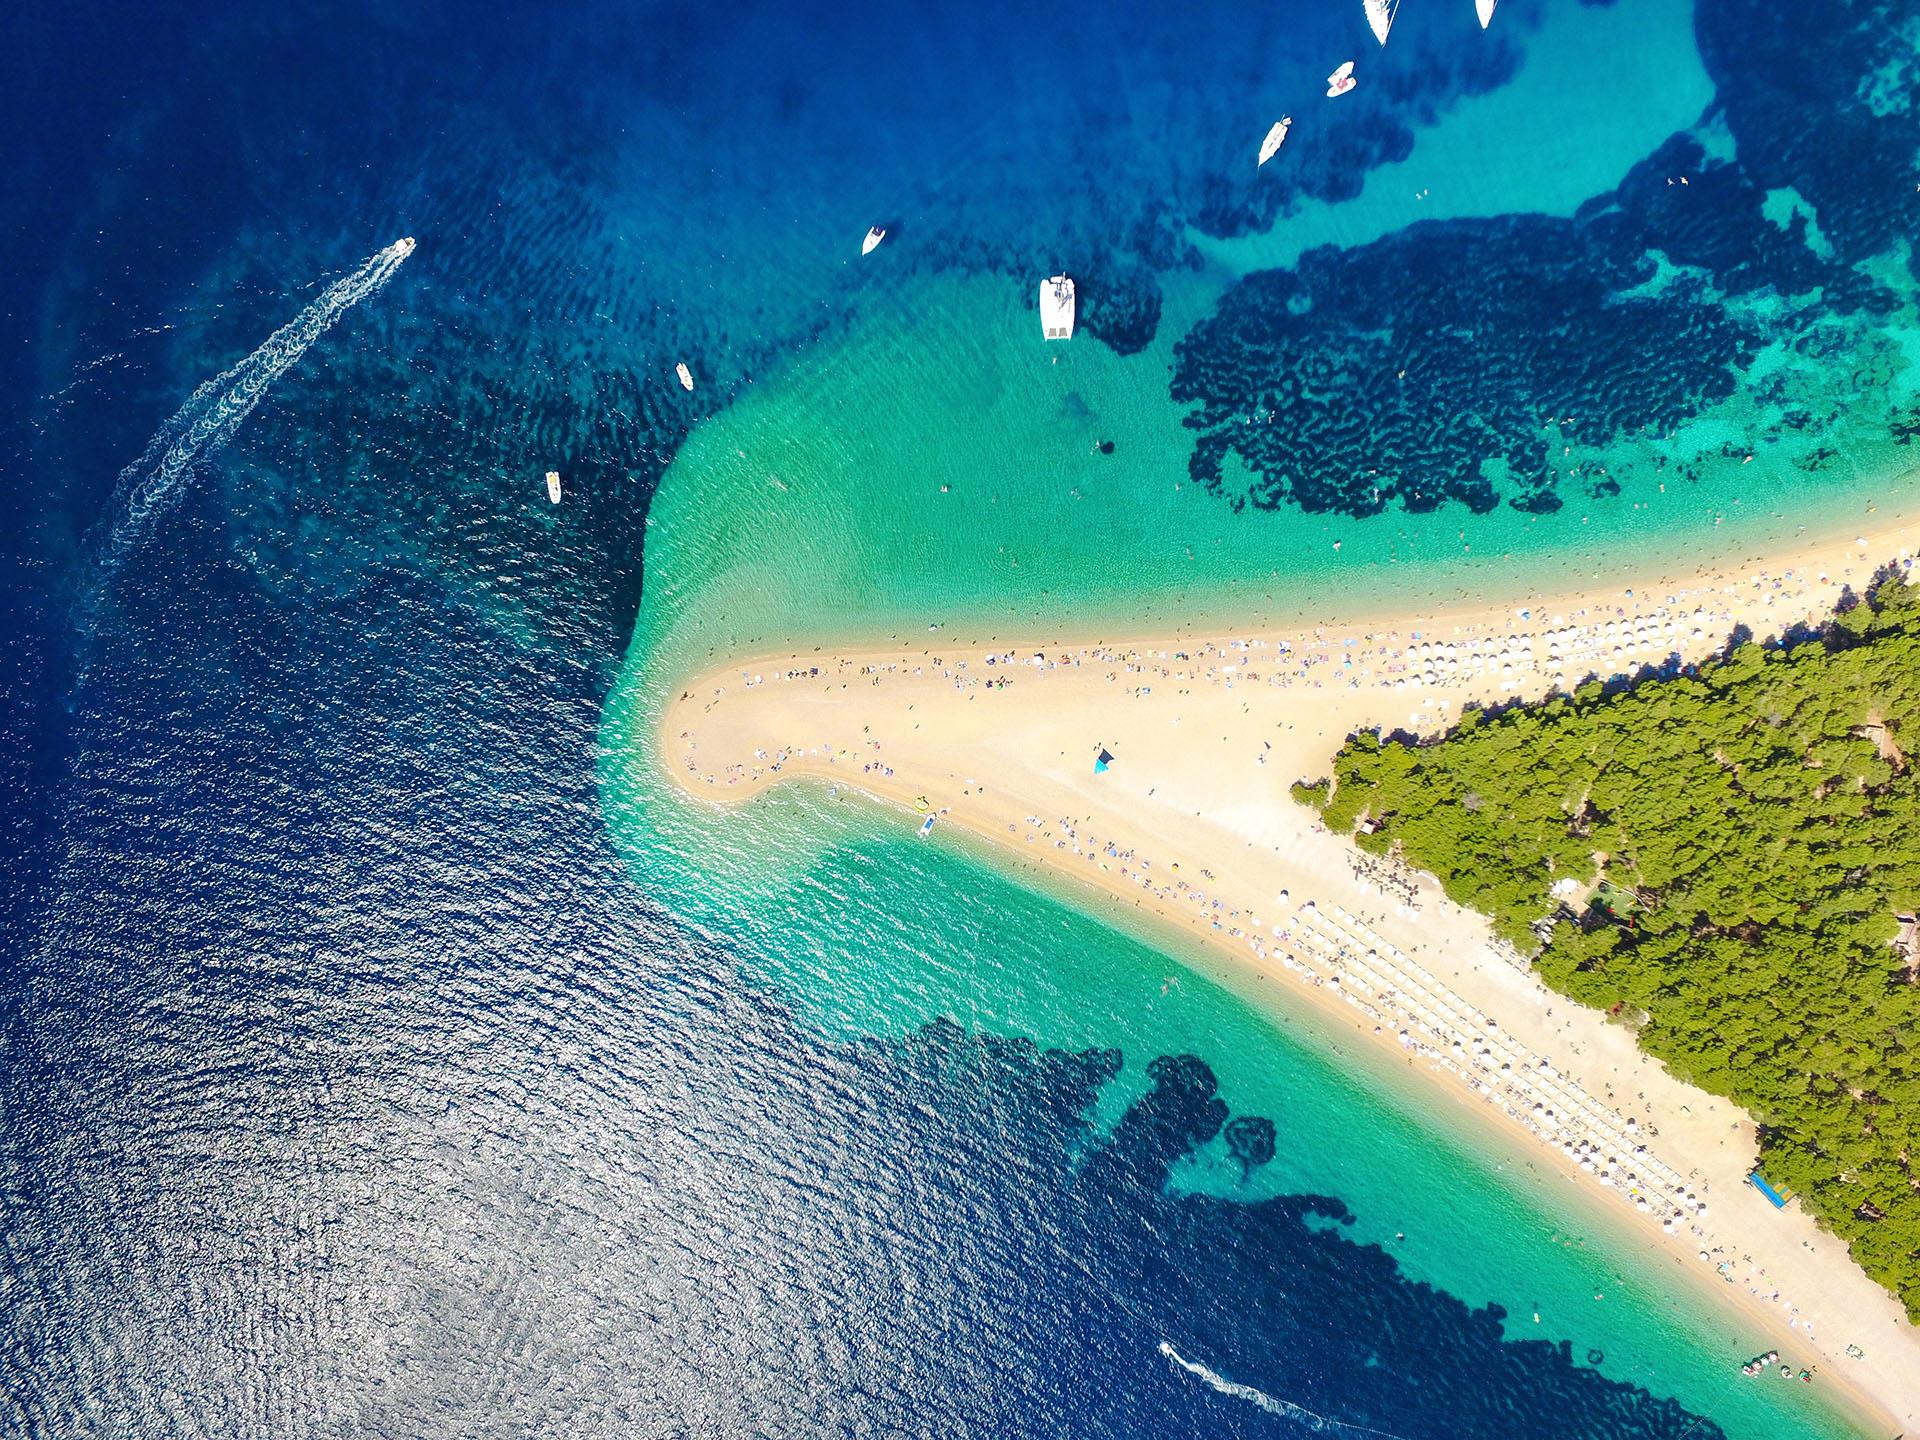 El Cuerno de Oro es la más espectacular de todas las playas de Croacia. No es solo su forma sino que además la playa está rodeada por un mar cristalino, que pasa del azul turquesa al azul oscuro en solo 10-20 metros de profundidad